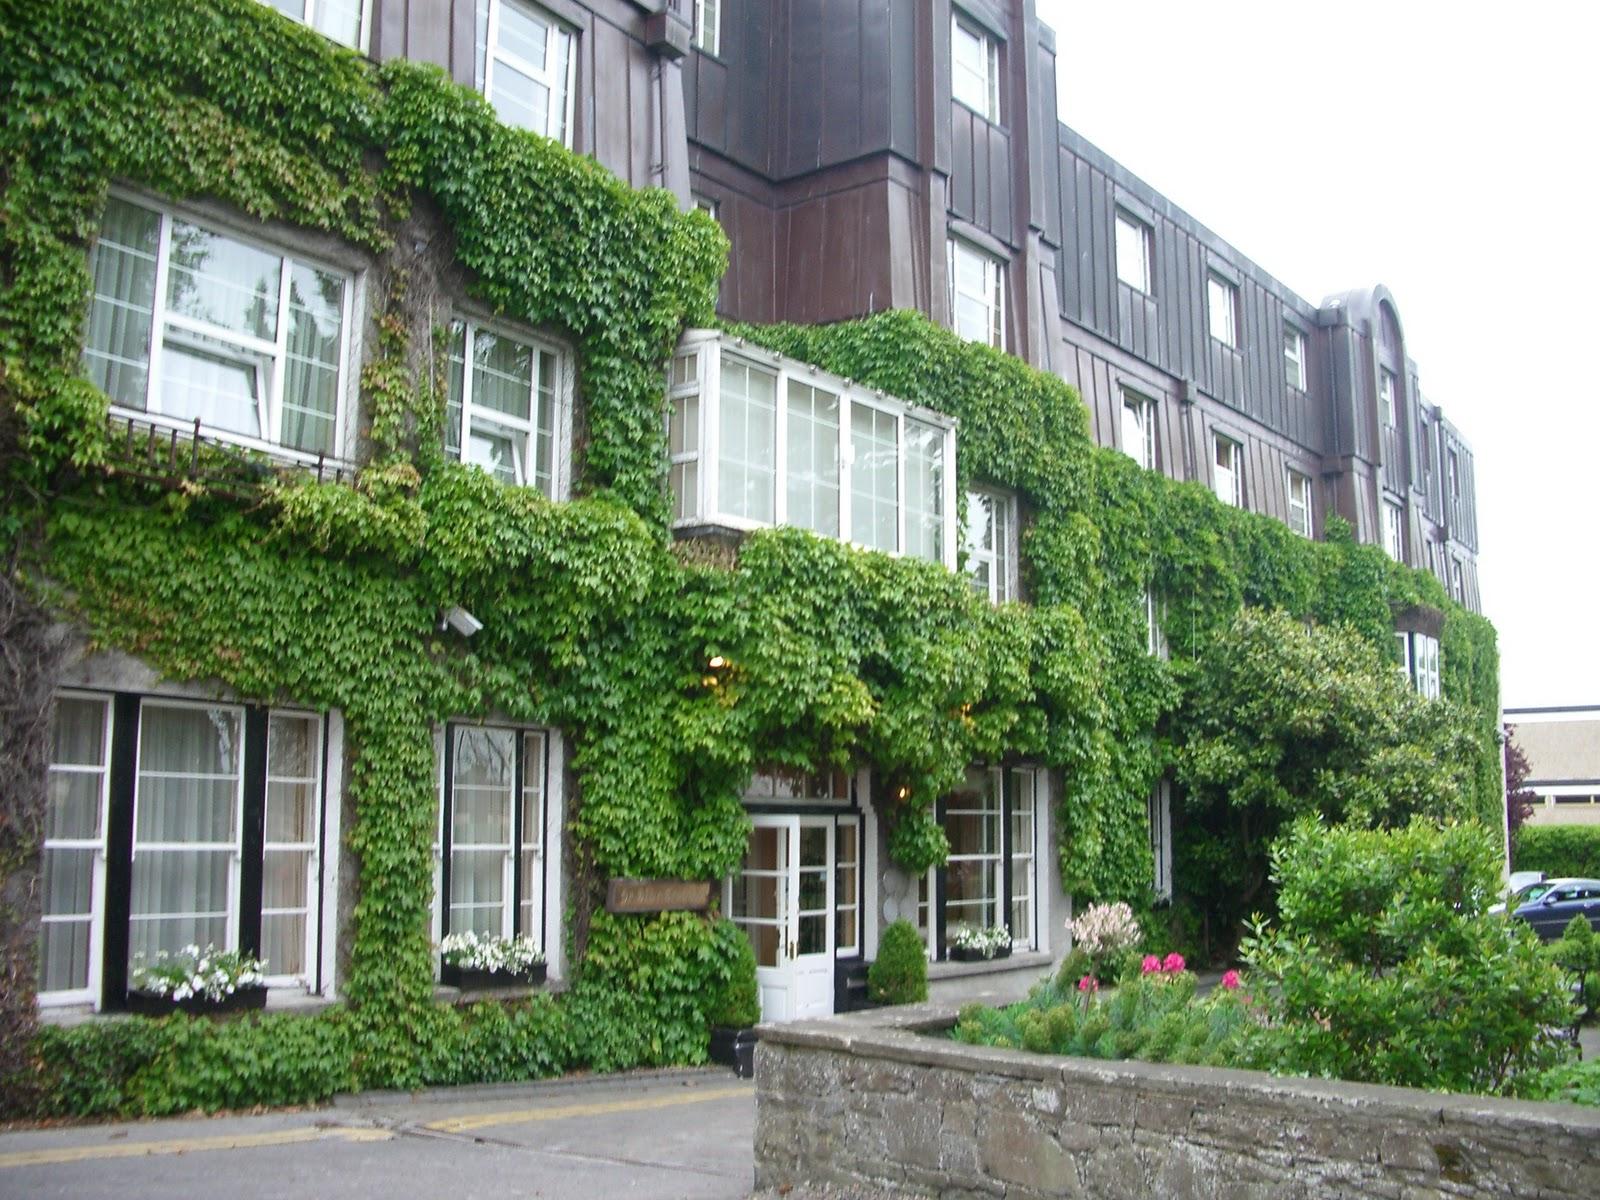 Old ground hotel ennis go west old ground hotel ennis altavistaventures Image collections